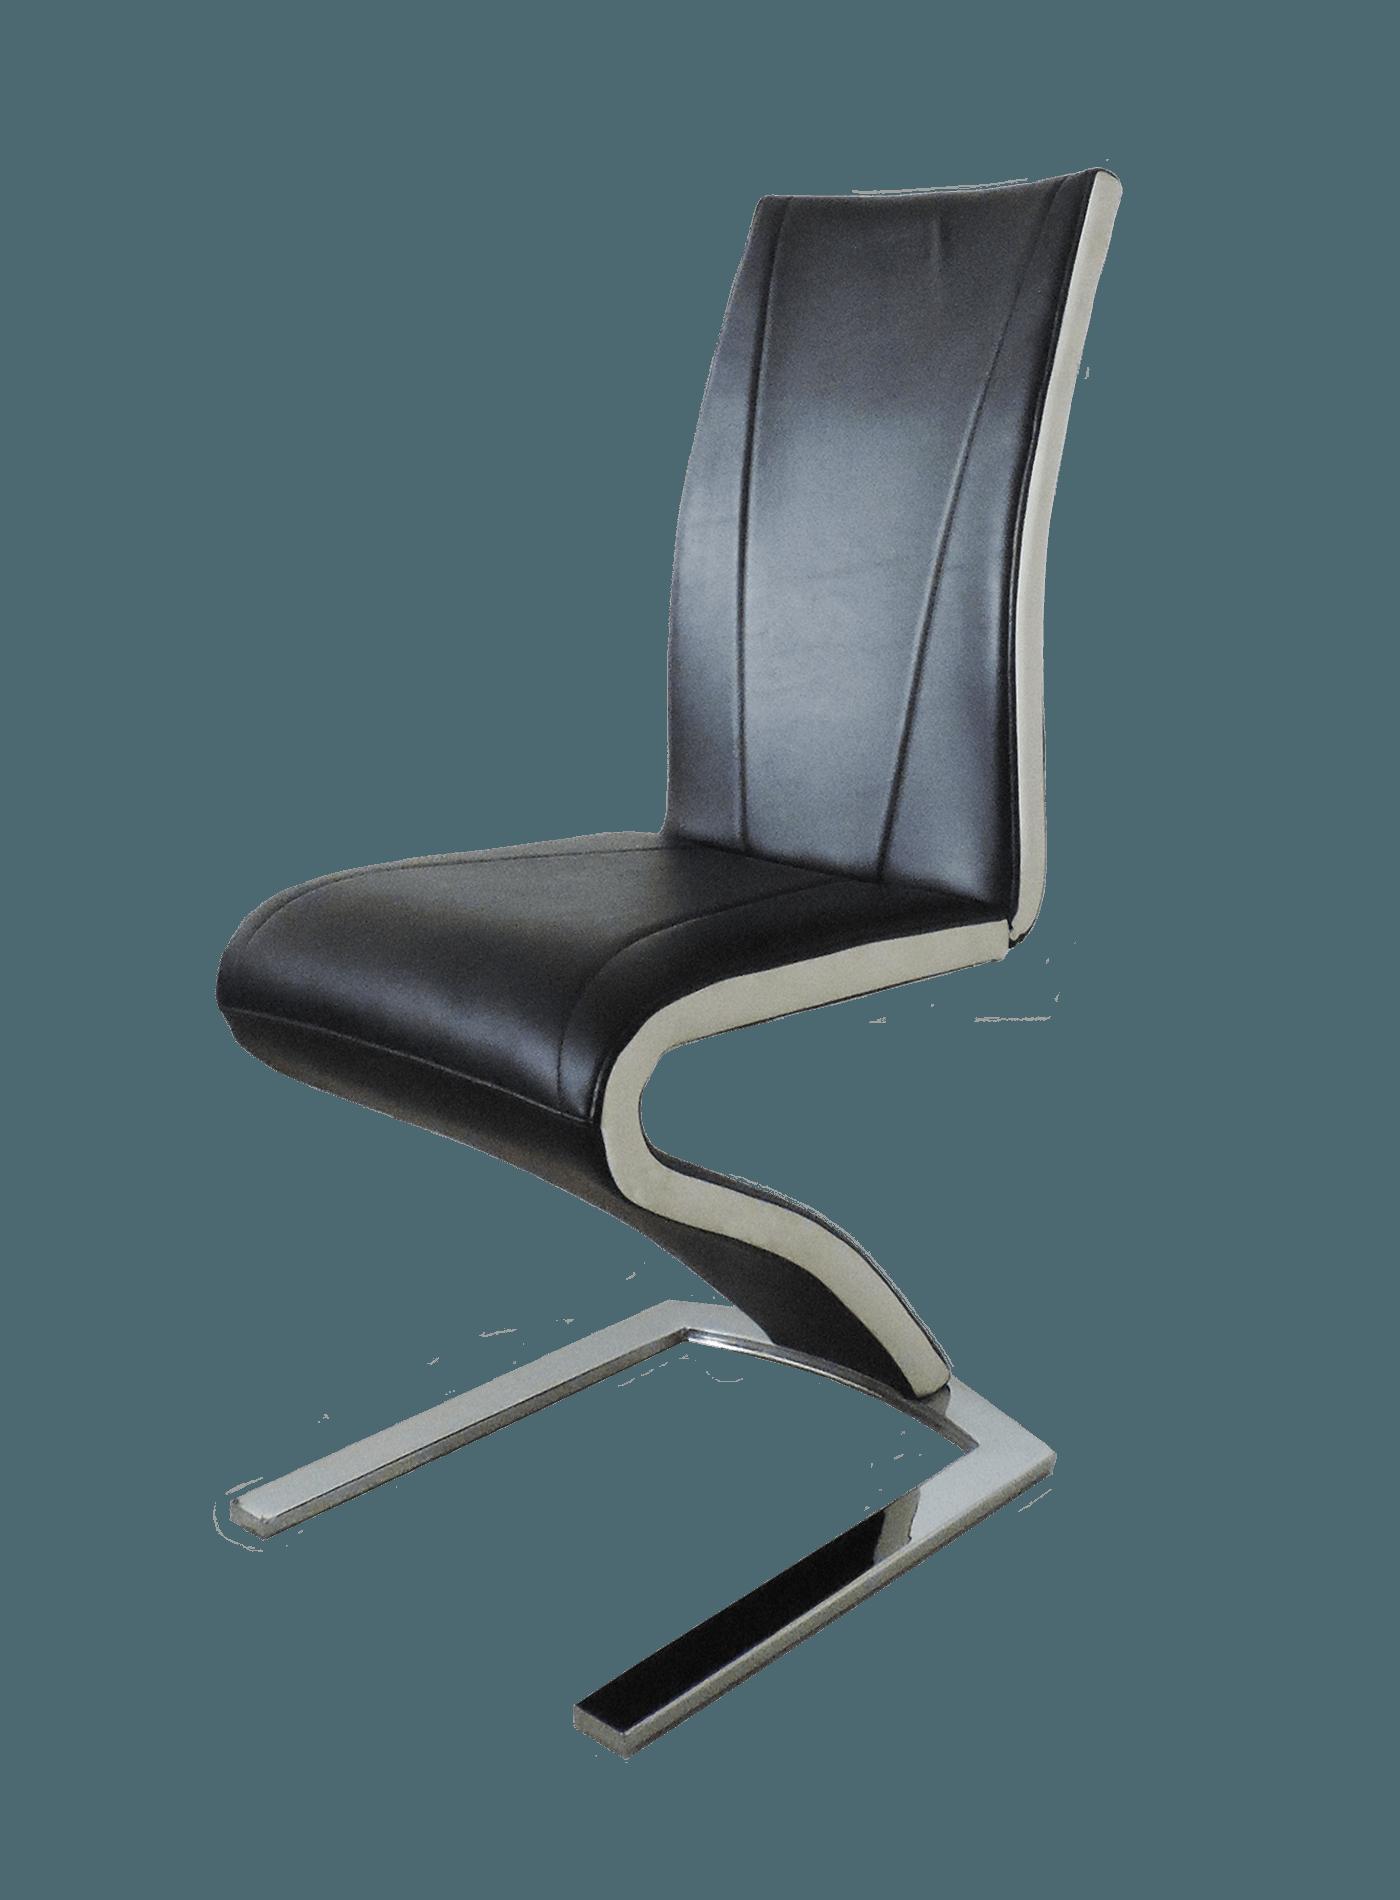 Silla comedor c 4313 muebles arteco for Sillas comedor 2016